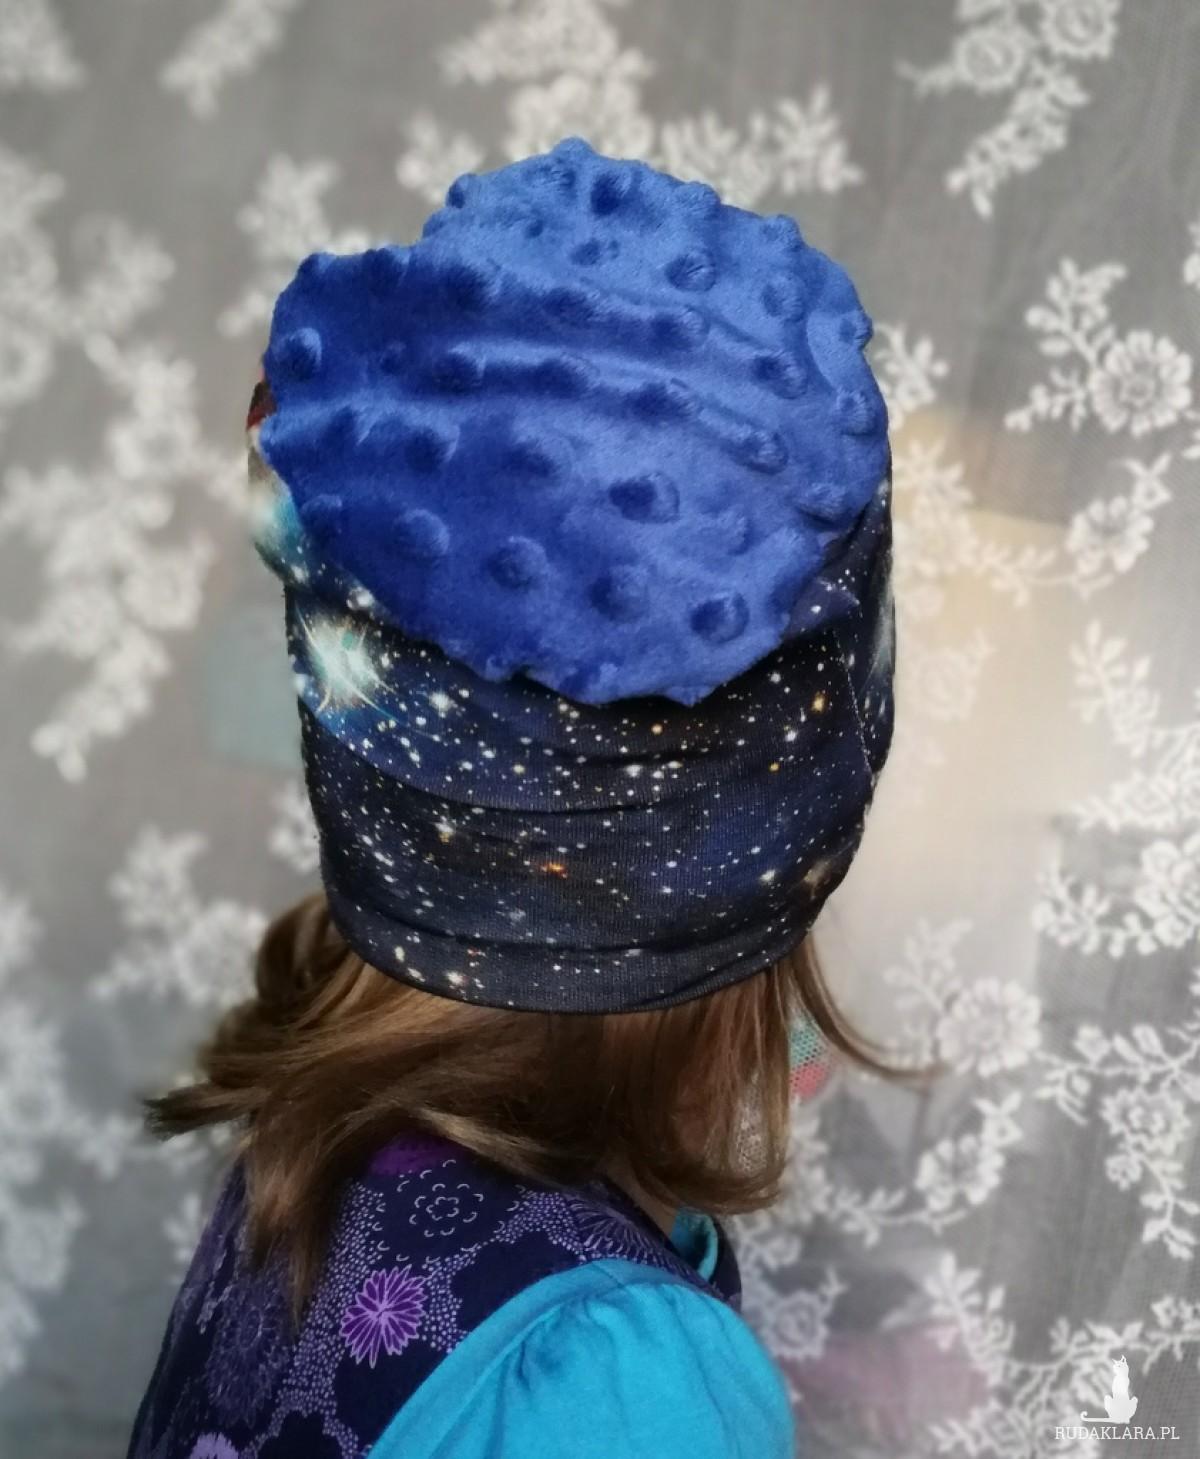 czapka kosmiczna unisex wiosenna dla dziecka na 1-2 lata-box 33- czapka kosmiczna unisex wiosenna dla dziecka handmade